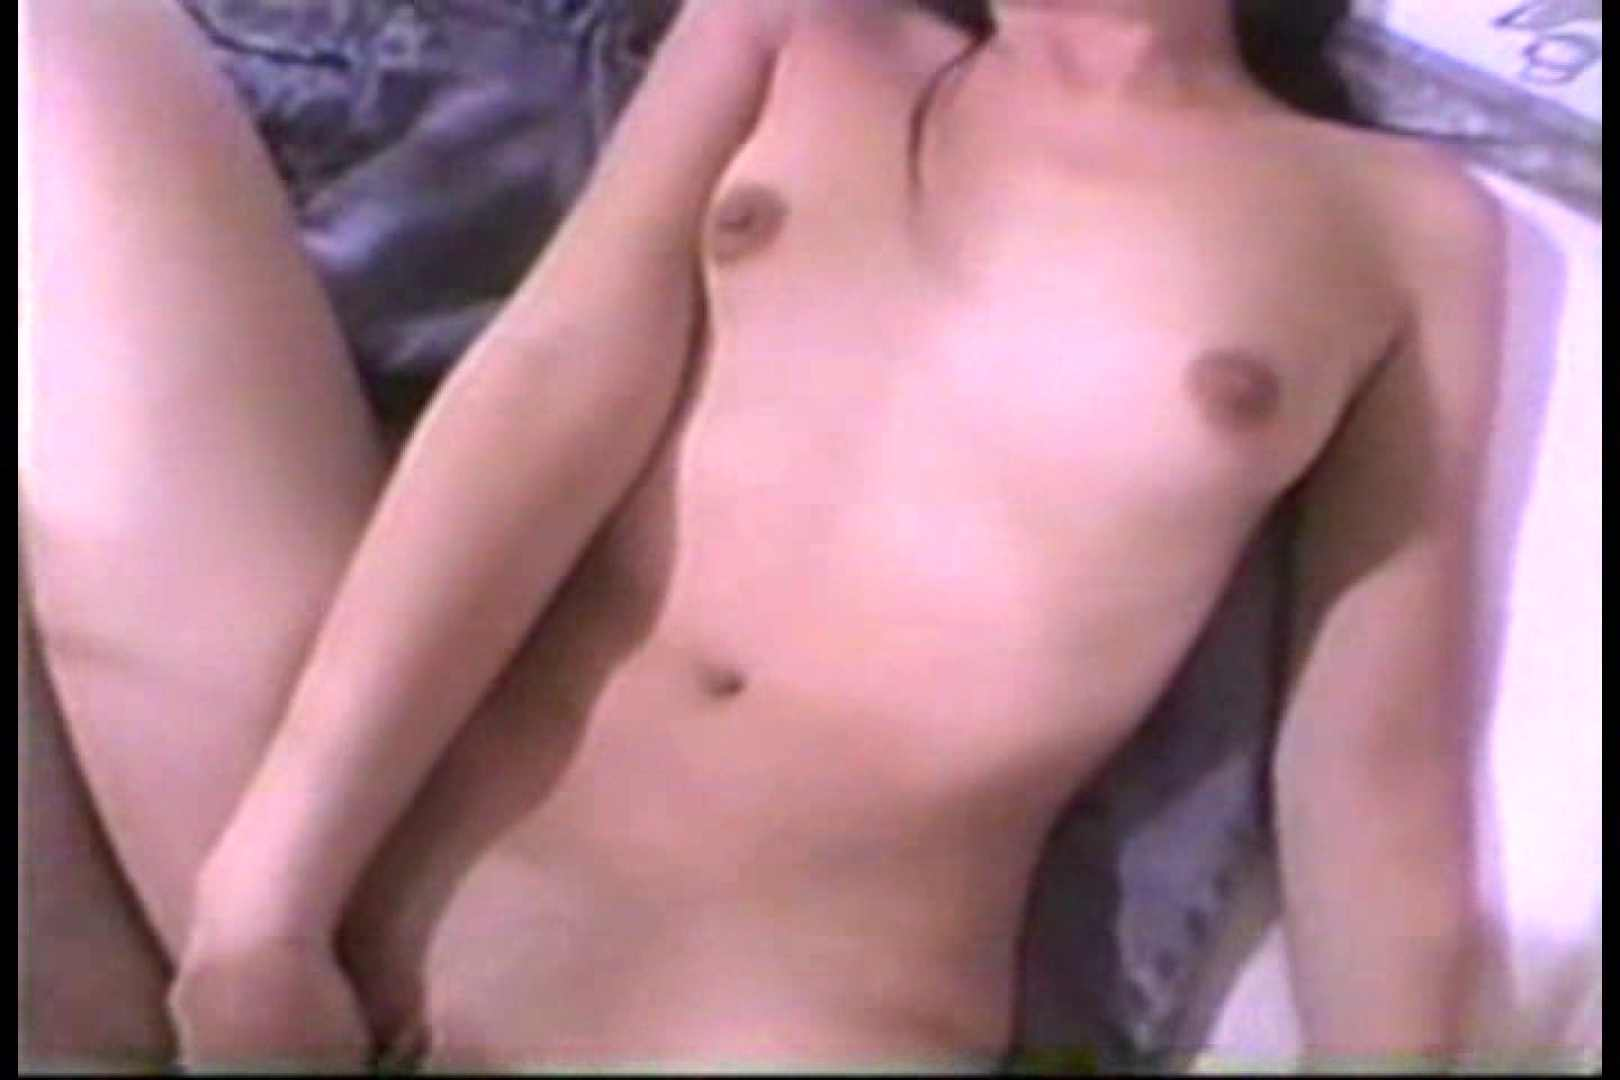 パイパン夫婦の自分で撮った自宅ハメ撮り オナニー映像   パイパンのお姉さん  87枚 79